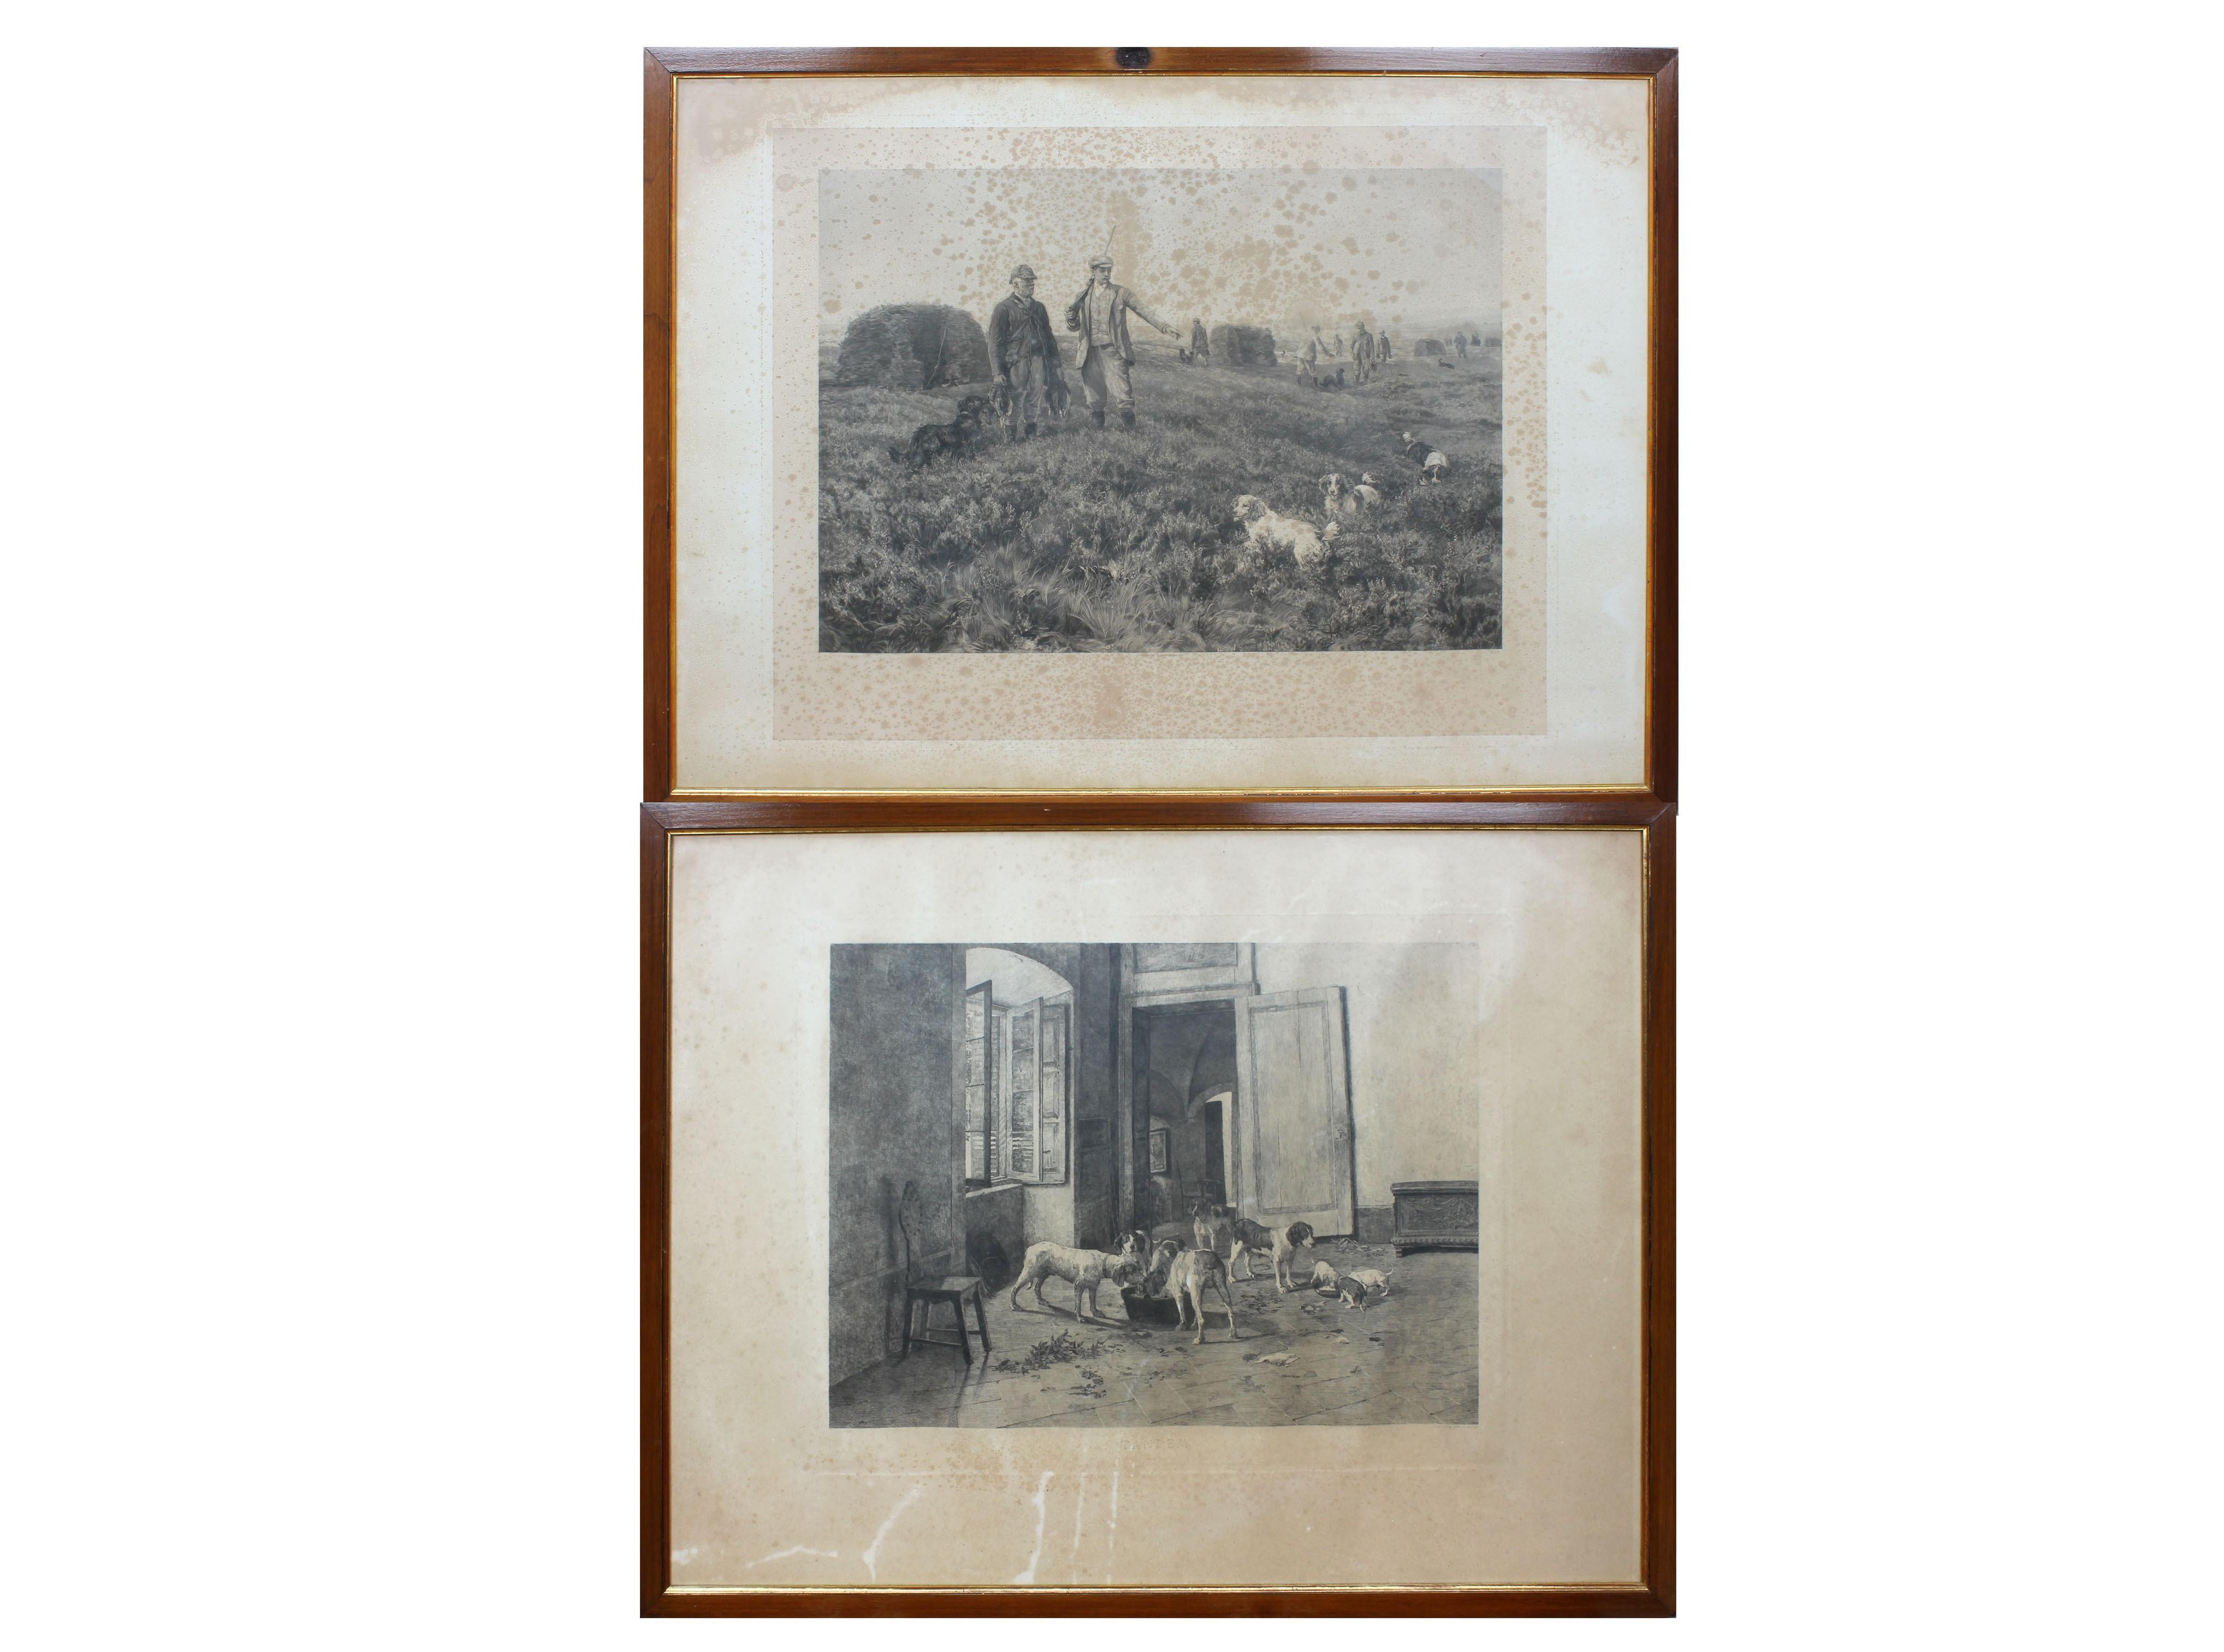 Lot 23 - Scena di caccia e scena con cani, due antiche stampe, cm. 46x64 circa